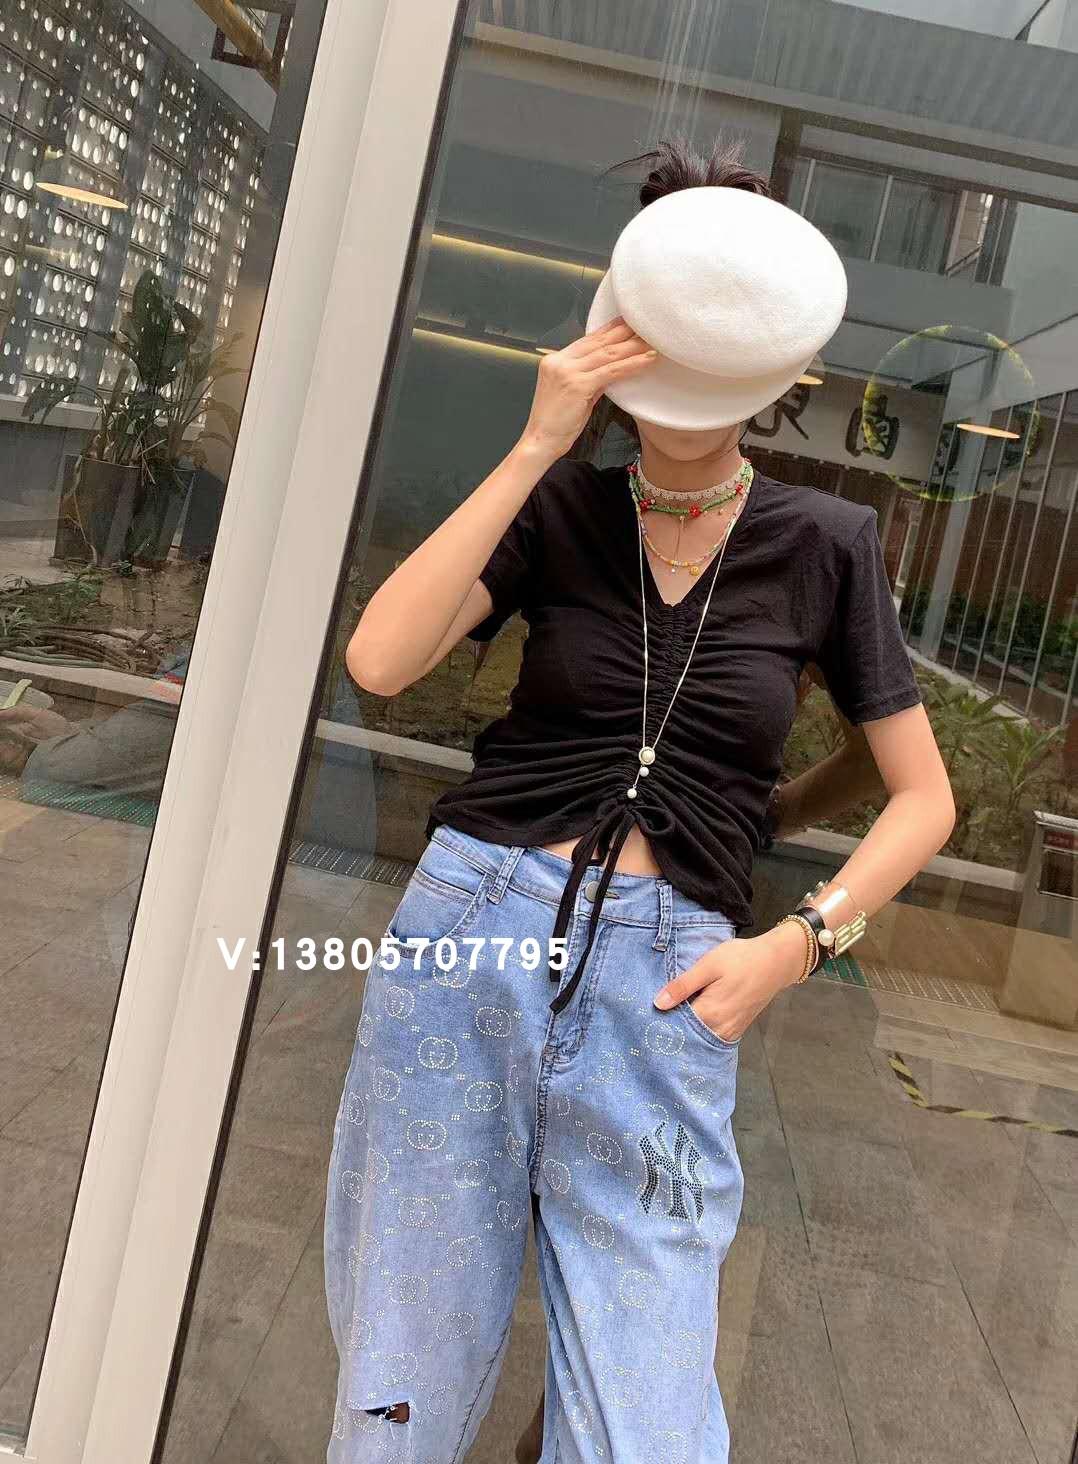 是色卡卡泰货女装2019夏新款V领抽绳系带修身显瘦纯色短袖纯棉t恤